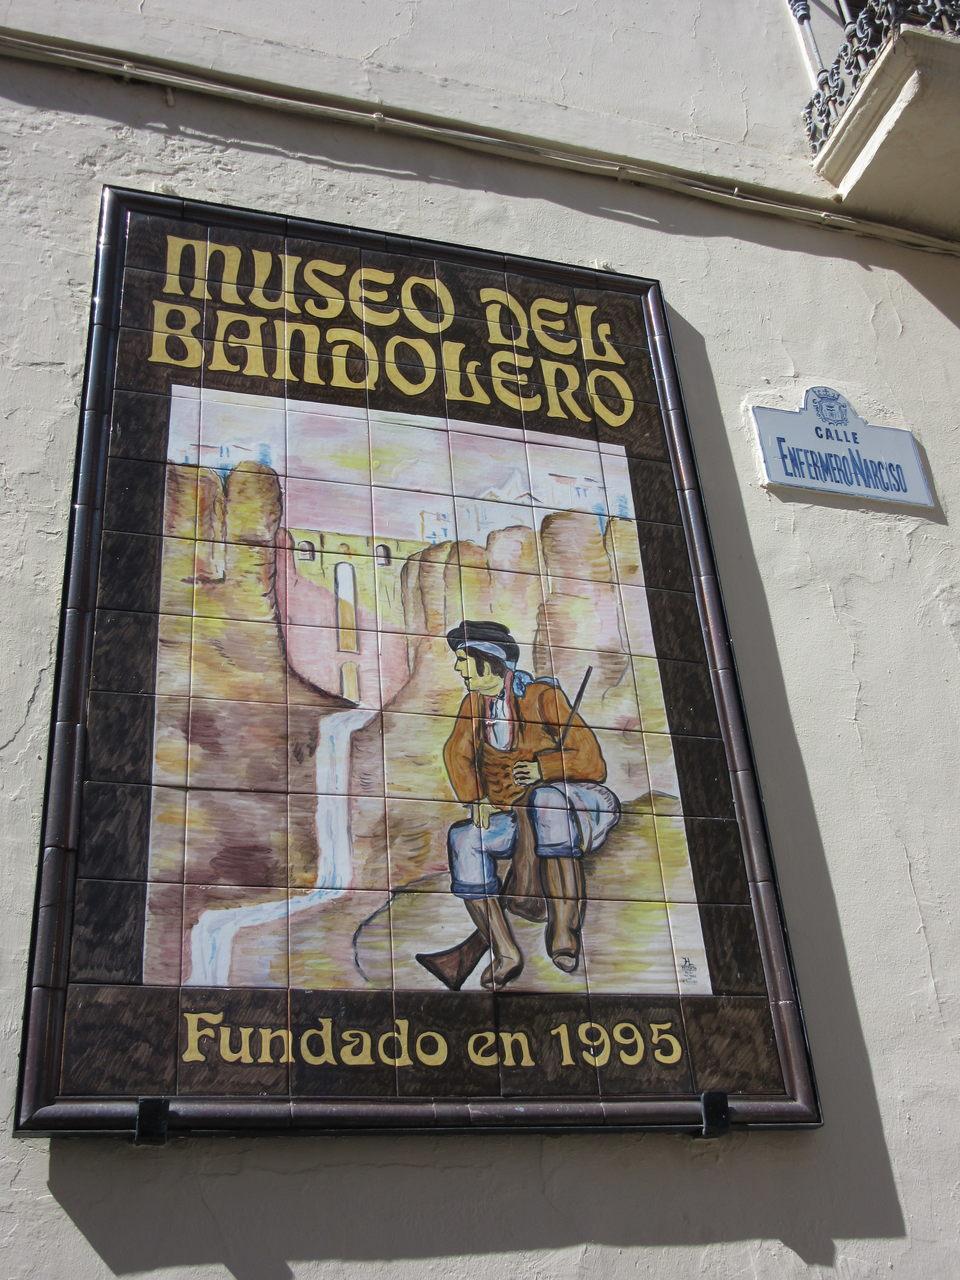 El Museo del Bandolero